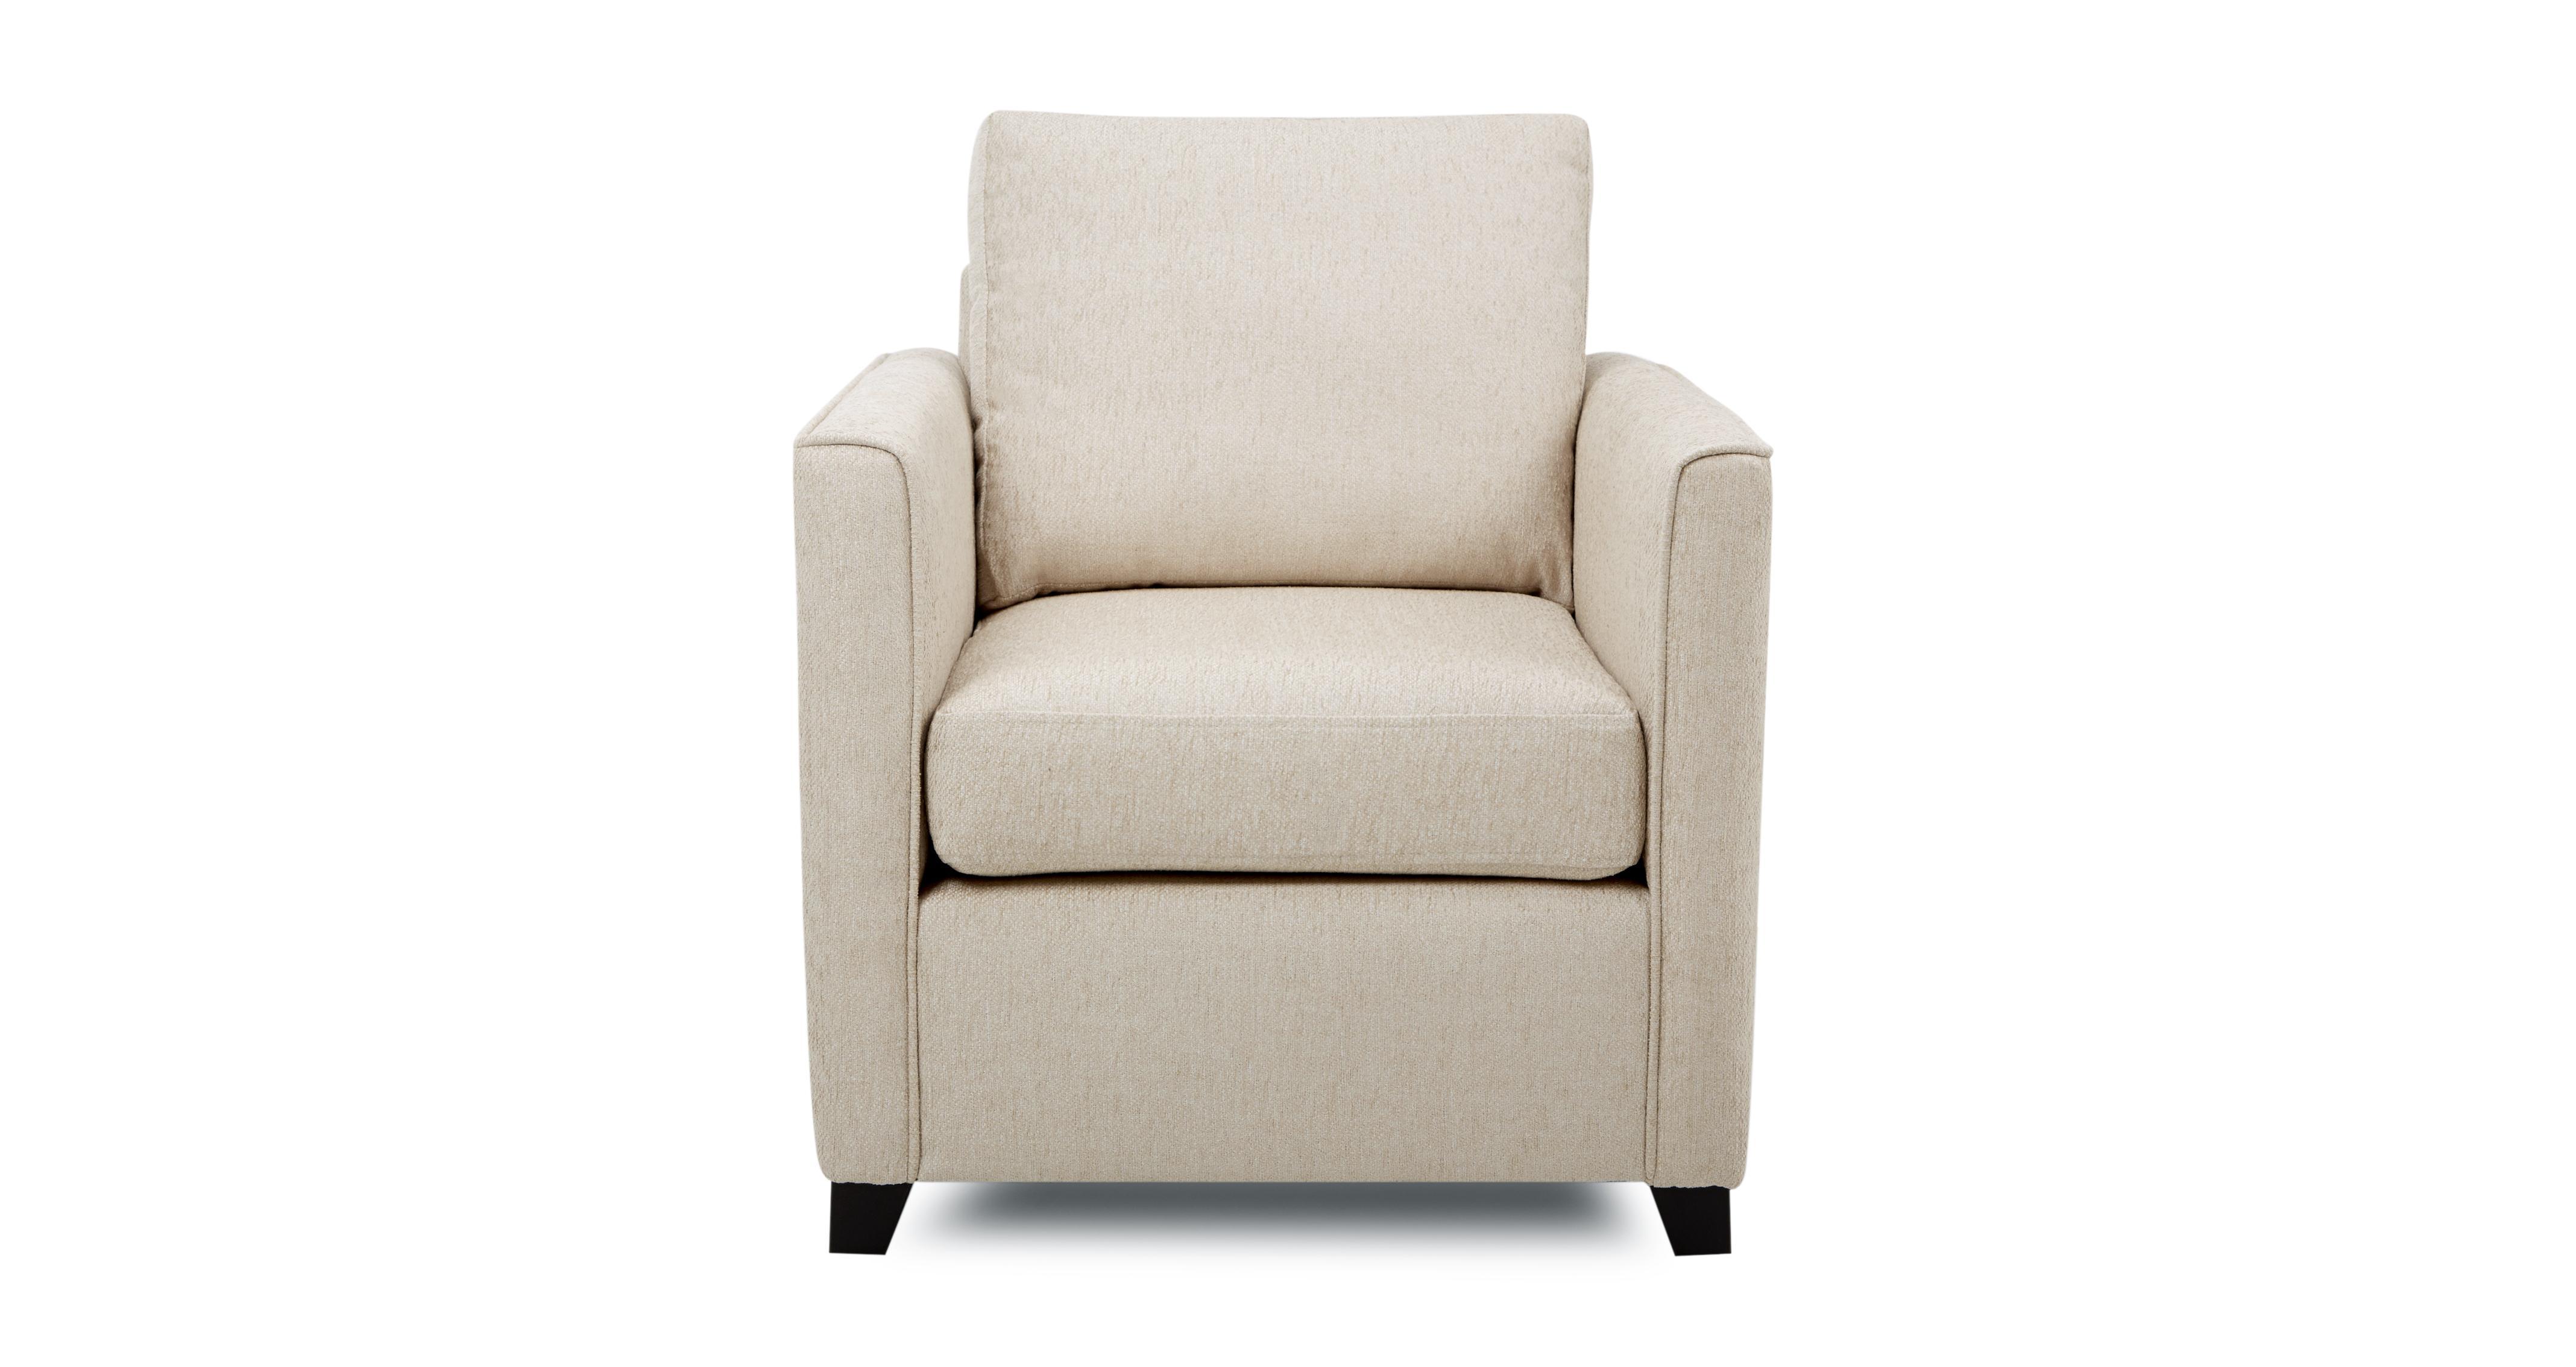 Lucia fauteuil dfs banken - Traditionele fauteuil ...